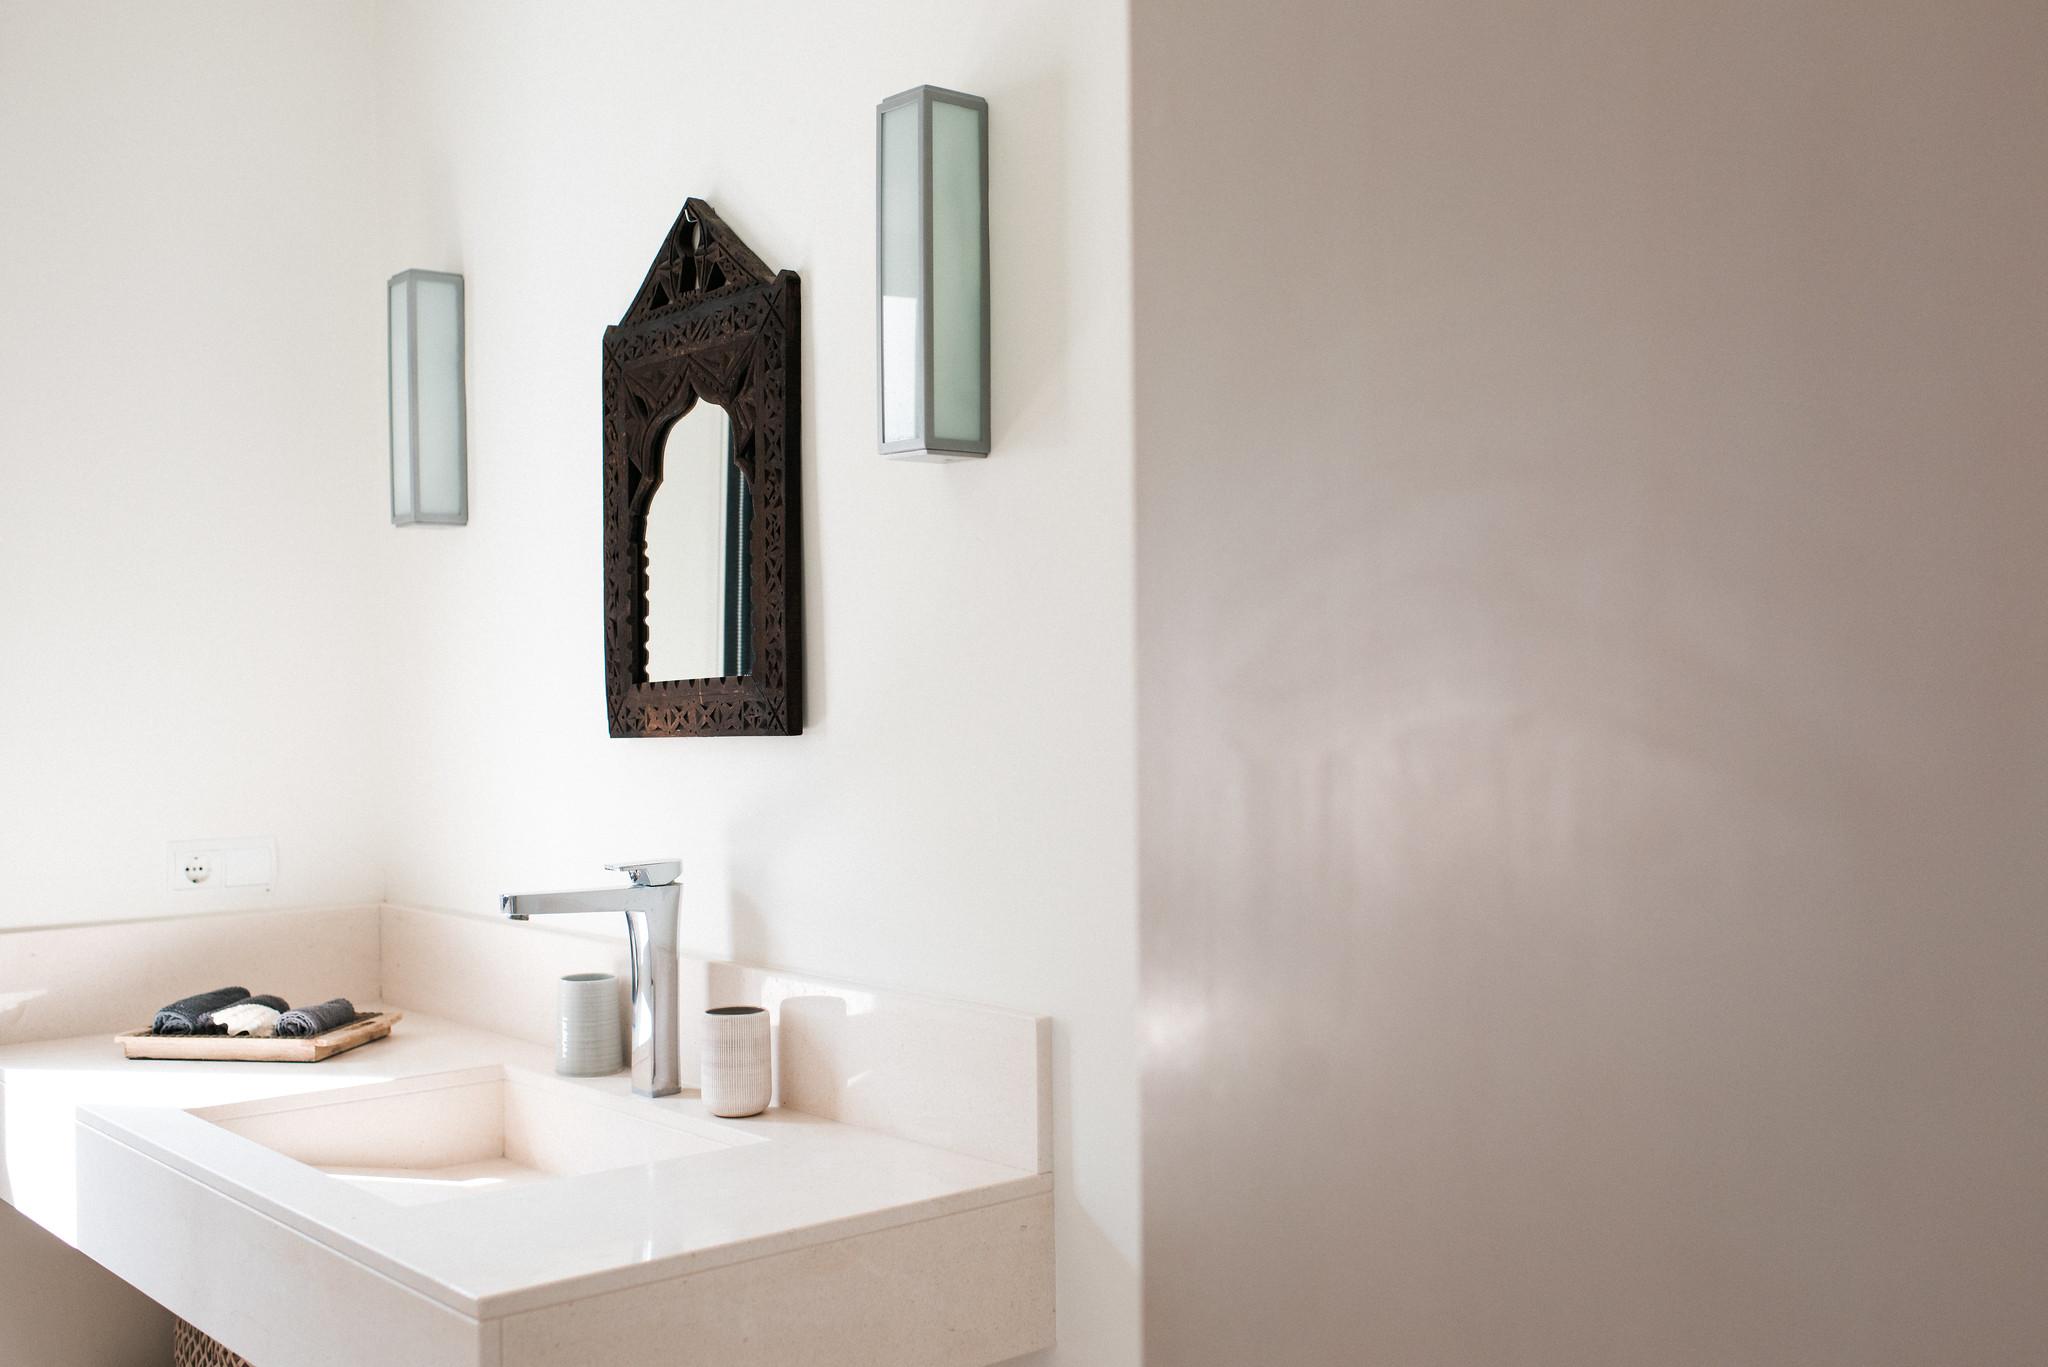 https://www.white-ibiza.com/wp-content/uploads/2020/05/white-ibiza-villas-casa-estrella-interior-bathroom2.jpg